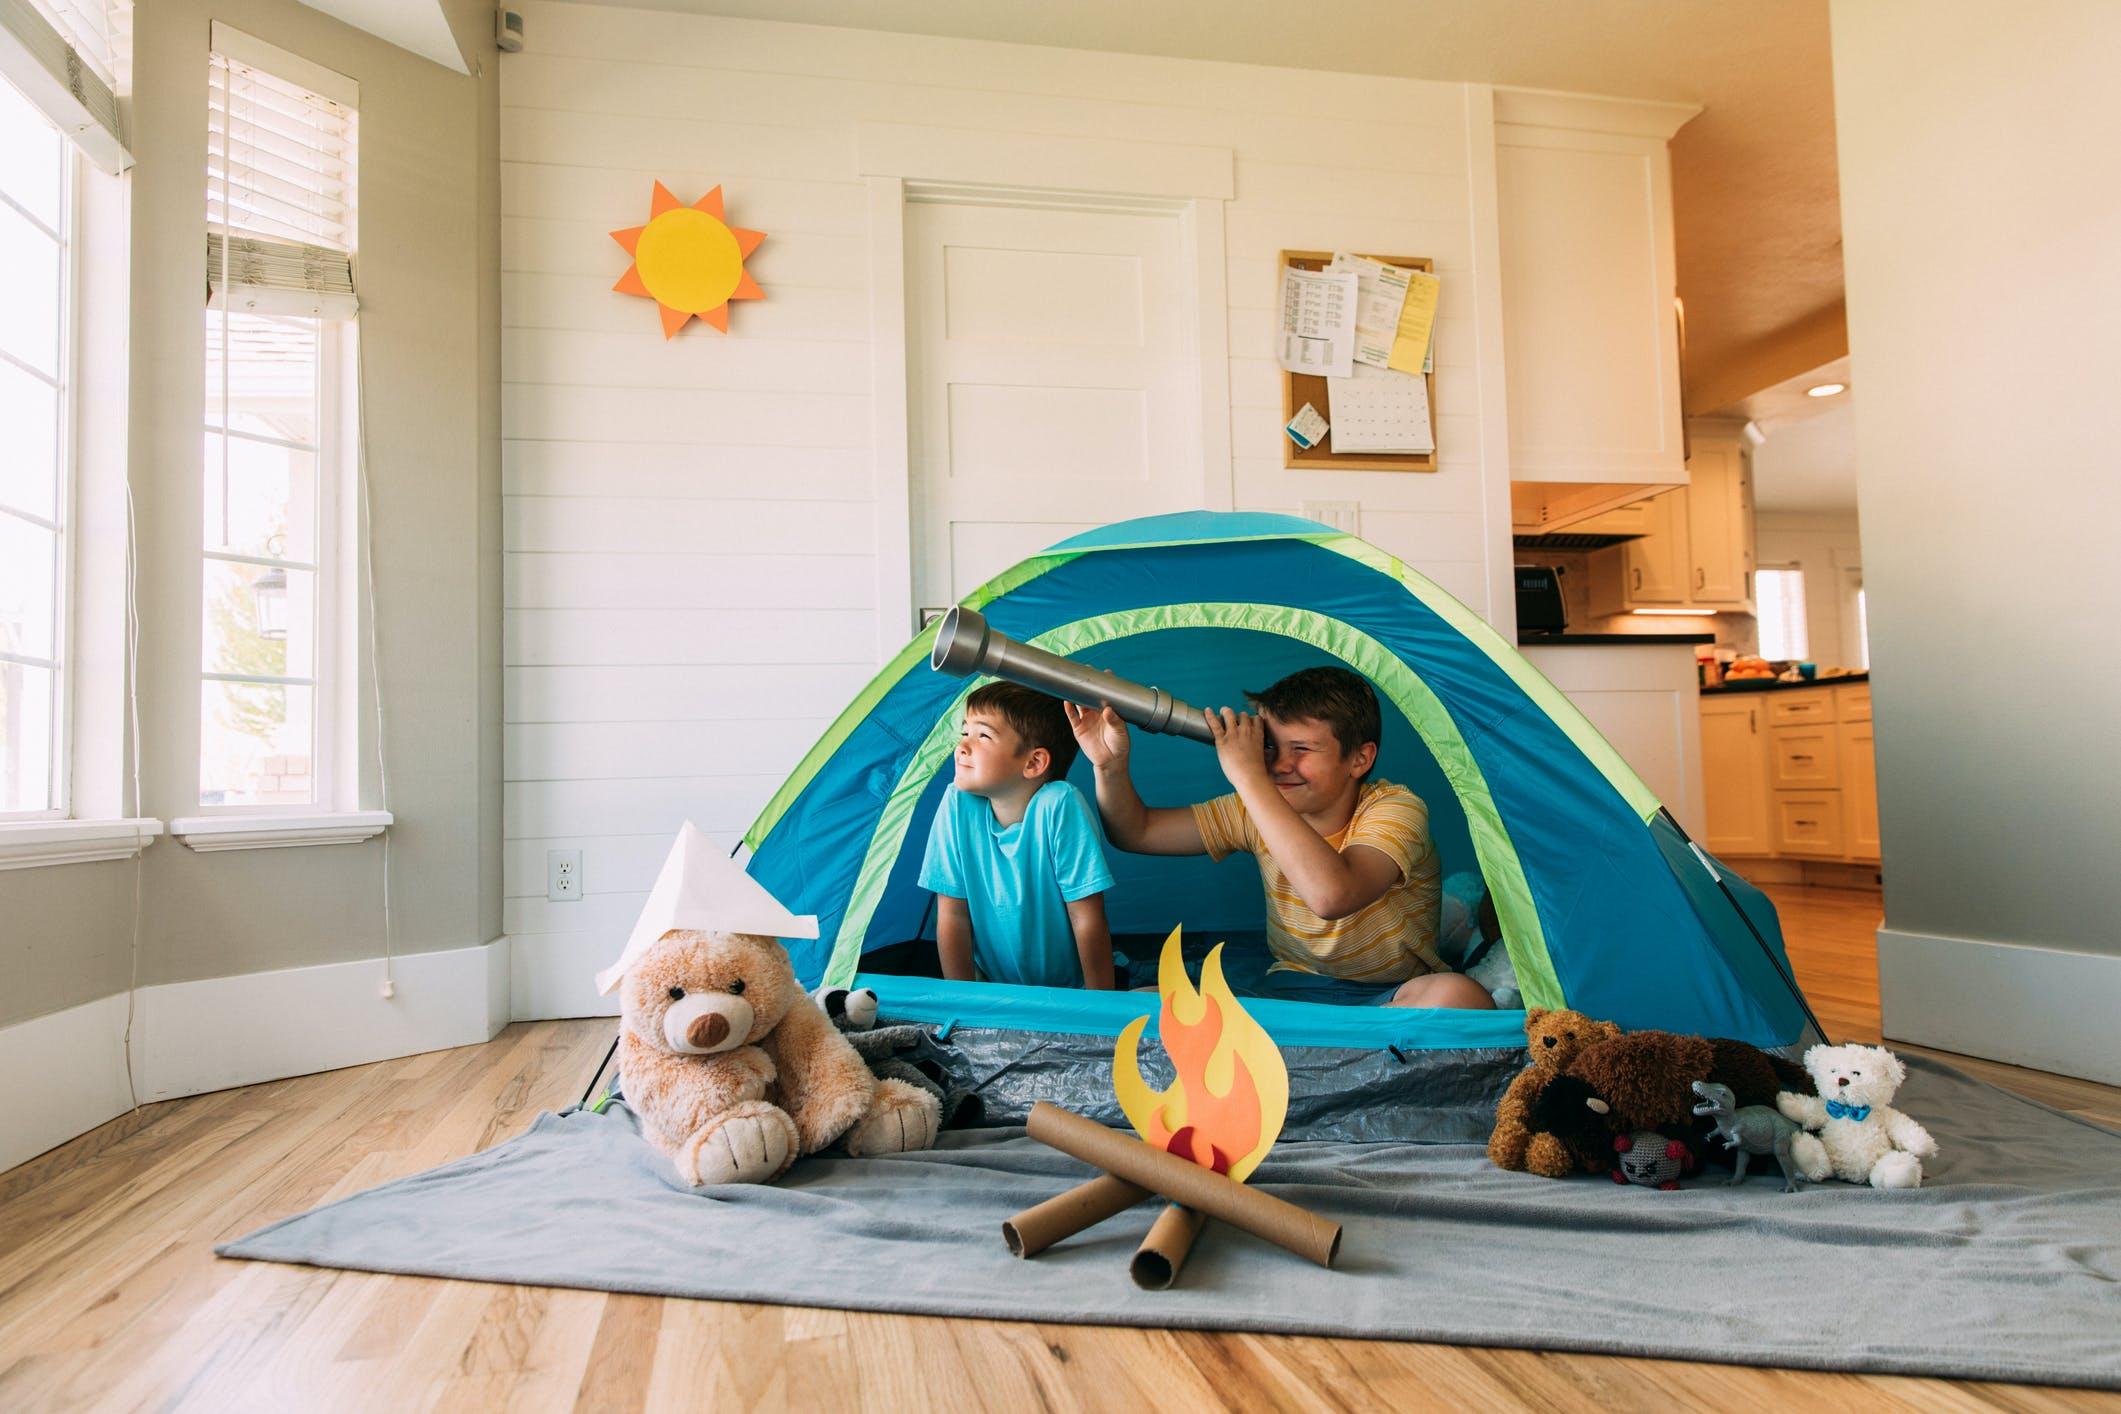 Jak urządzić dom z perspektywy dziecka? Pełen wyobraźni poradnik Otodom